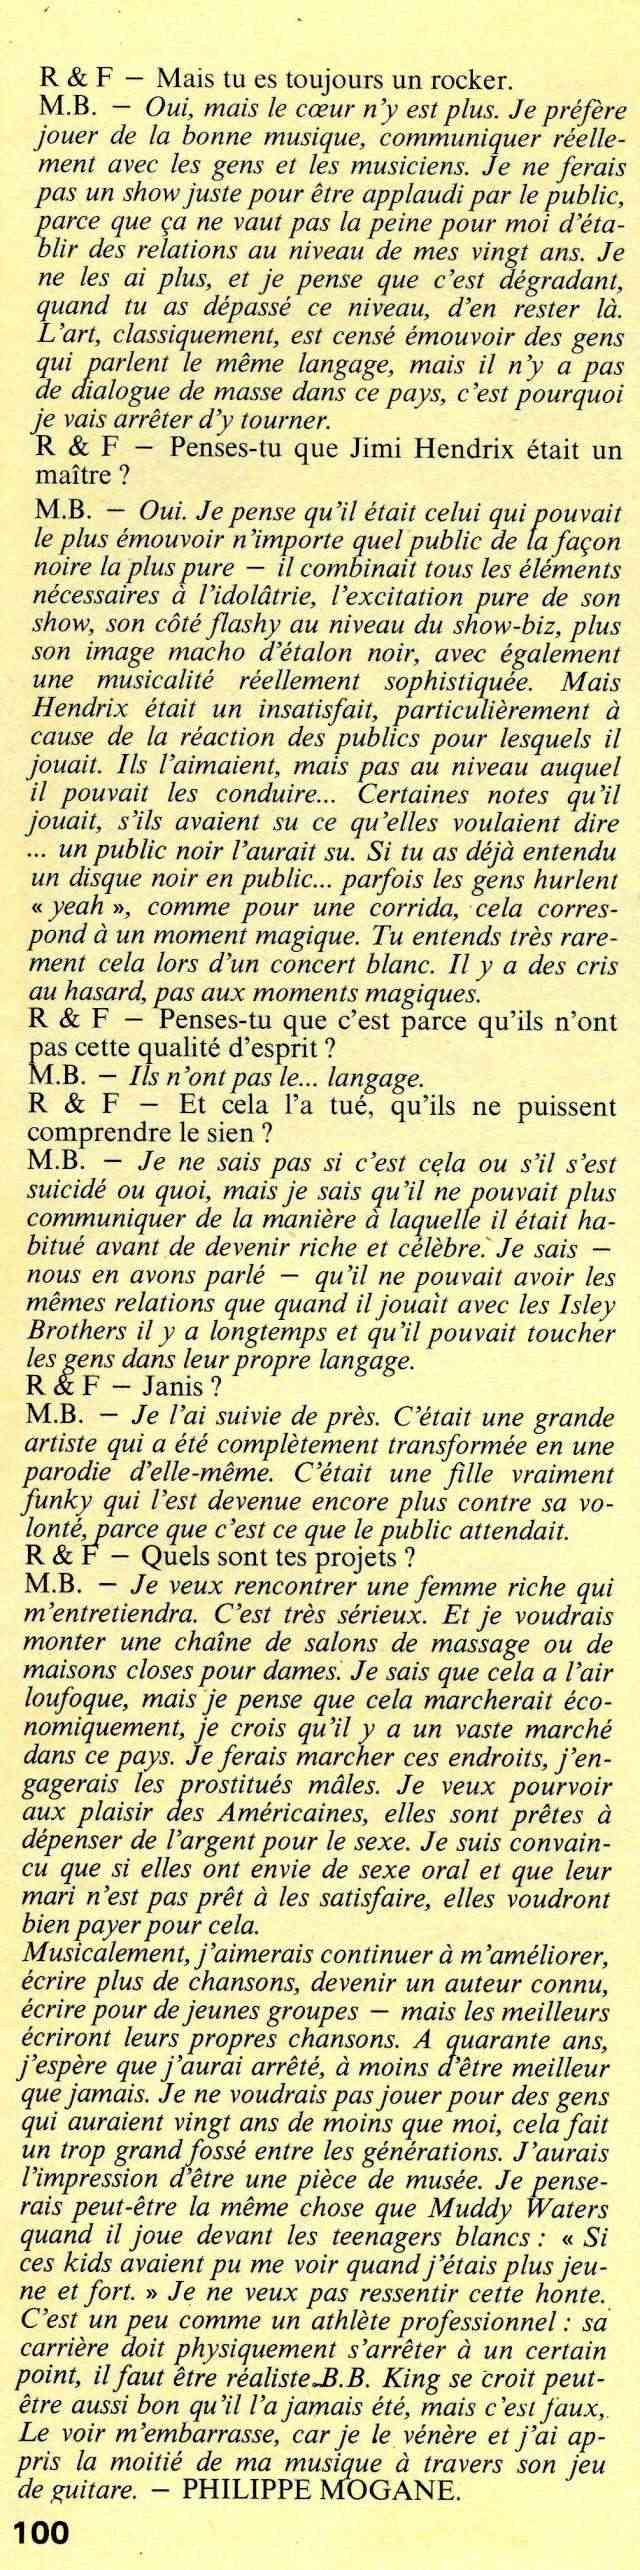 Témoignages, interview, articles divers (français) - Page 2 Rnf_1712